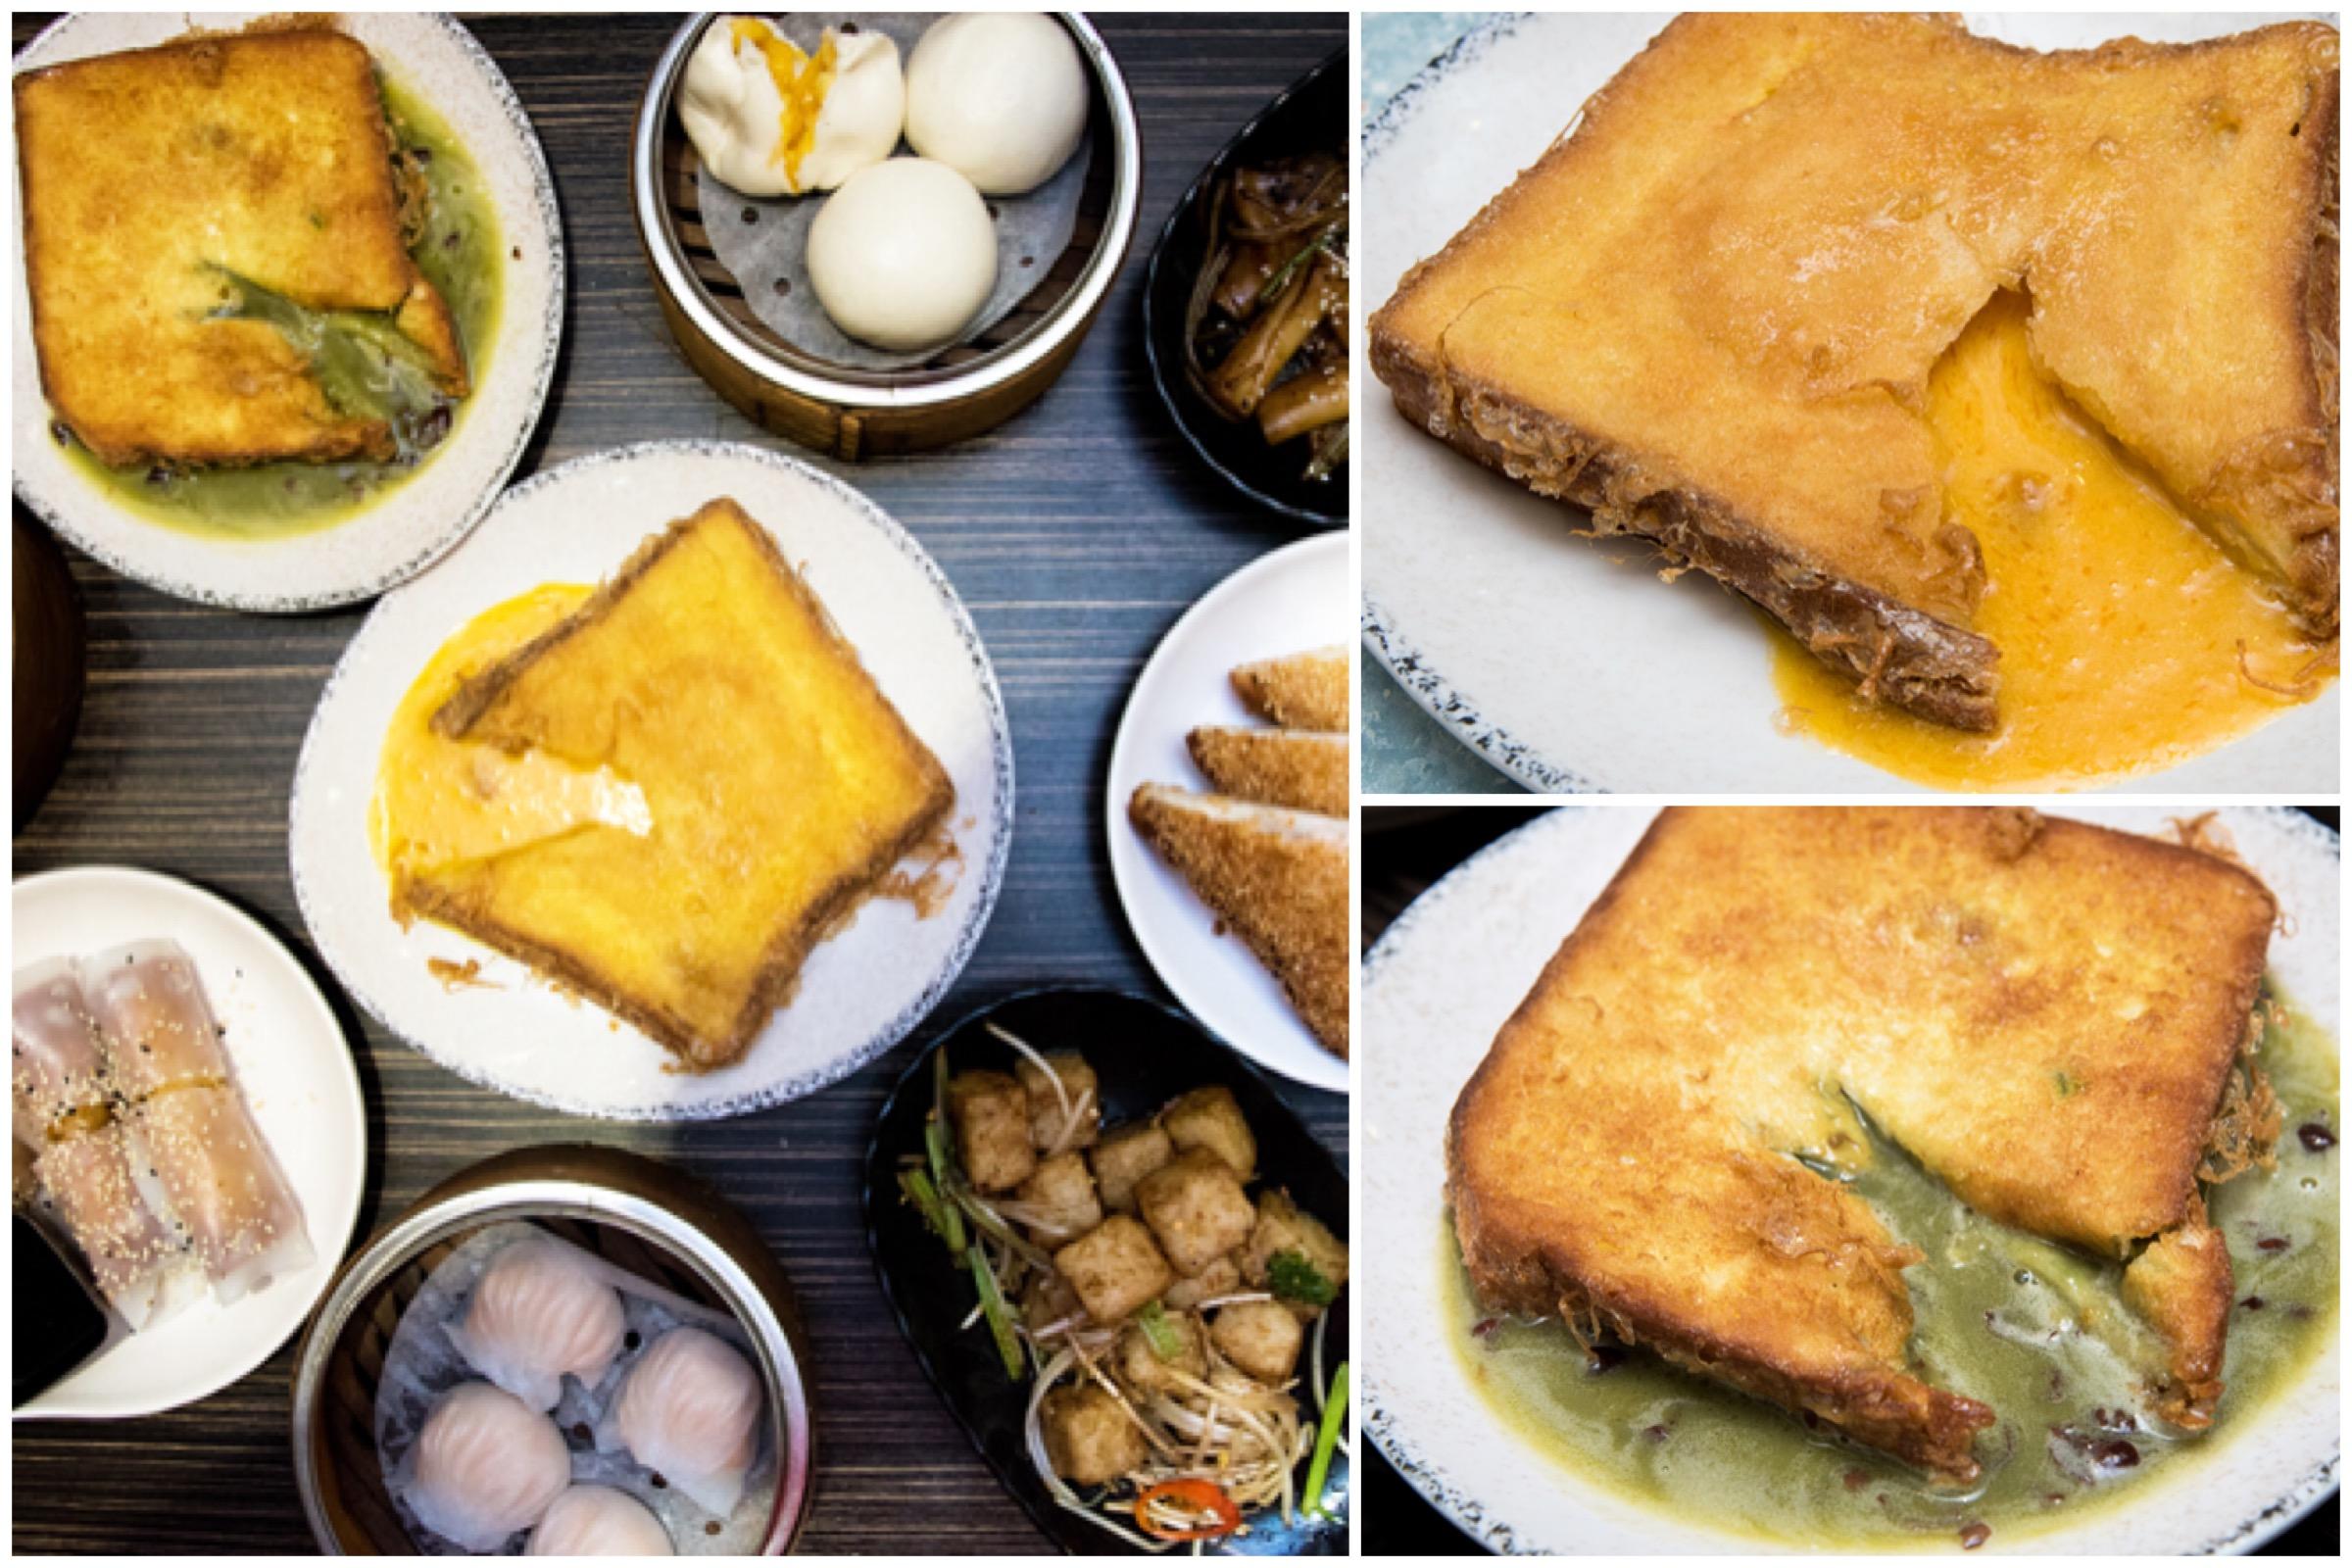 Chau Kee 周記點心 – Matcha And Salted Lava Custard Toasts, At Hong Kong Sai Ying Pun